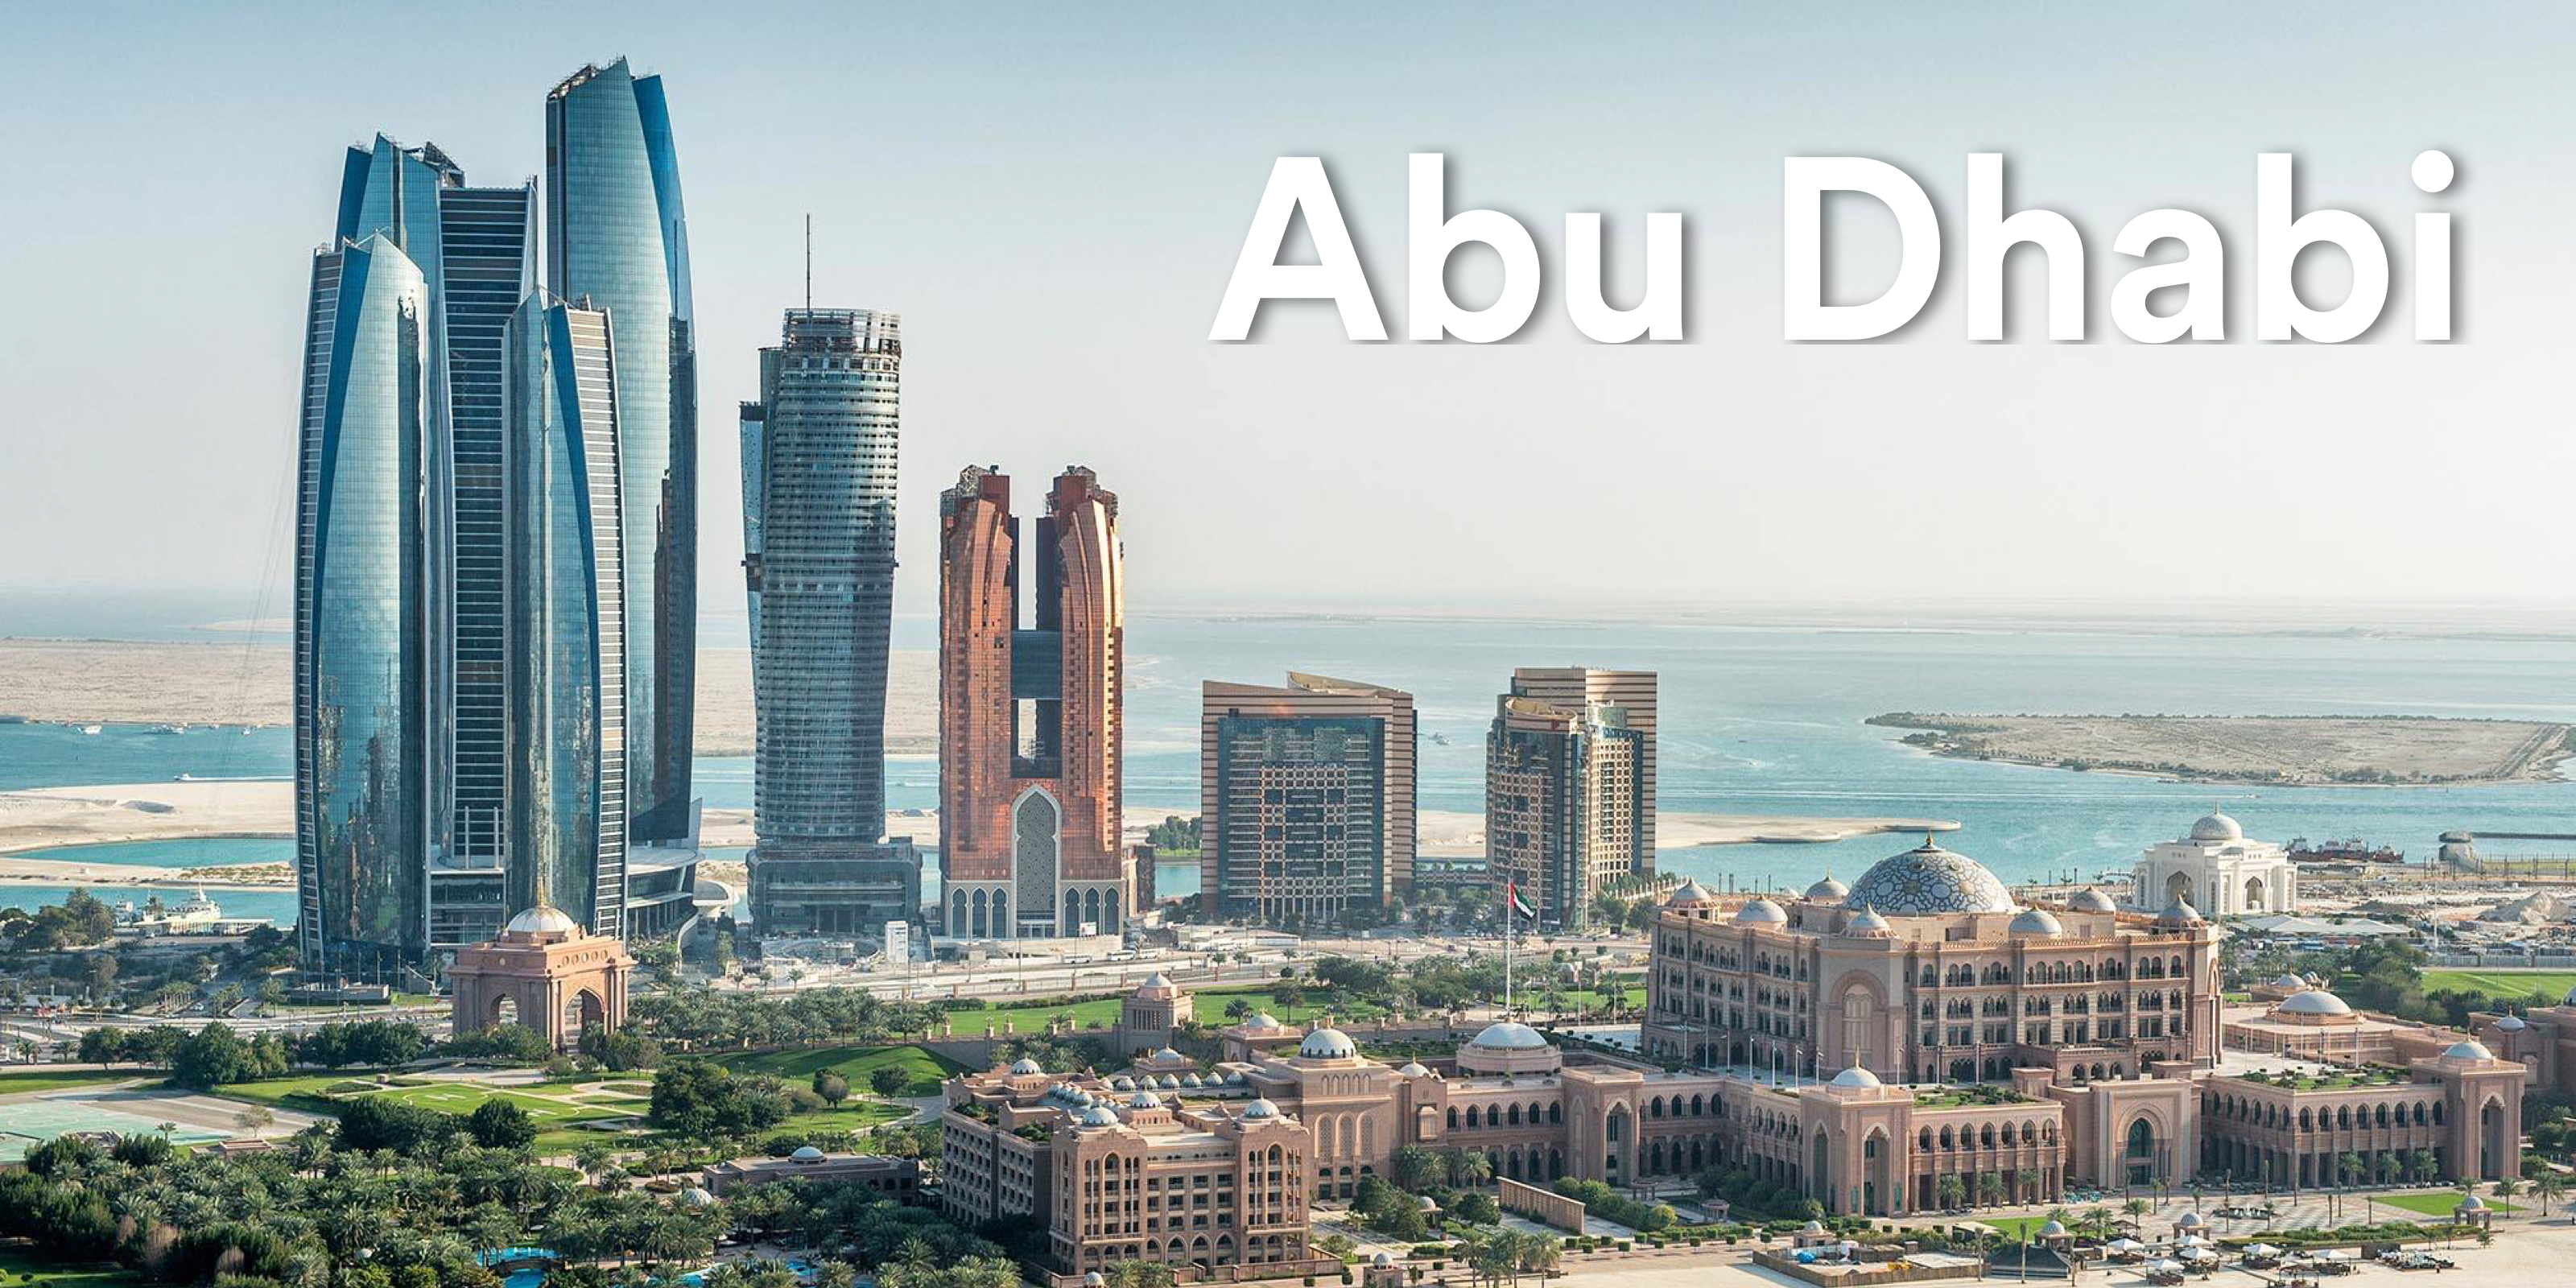 Abu-Dhabi Restaurants